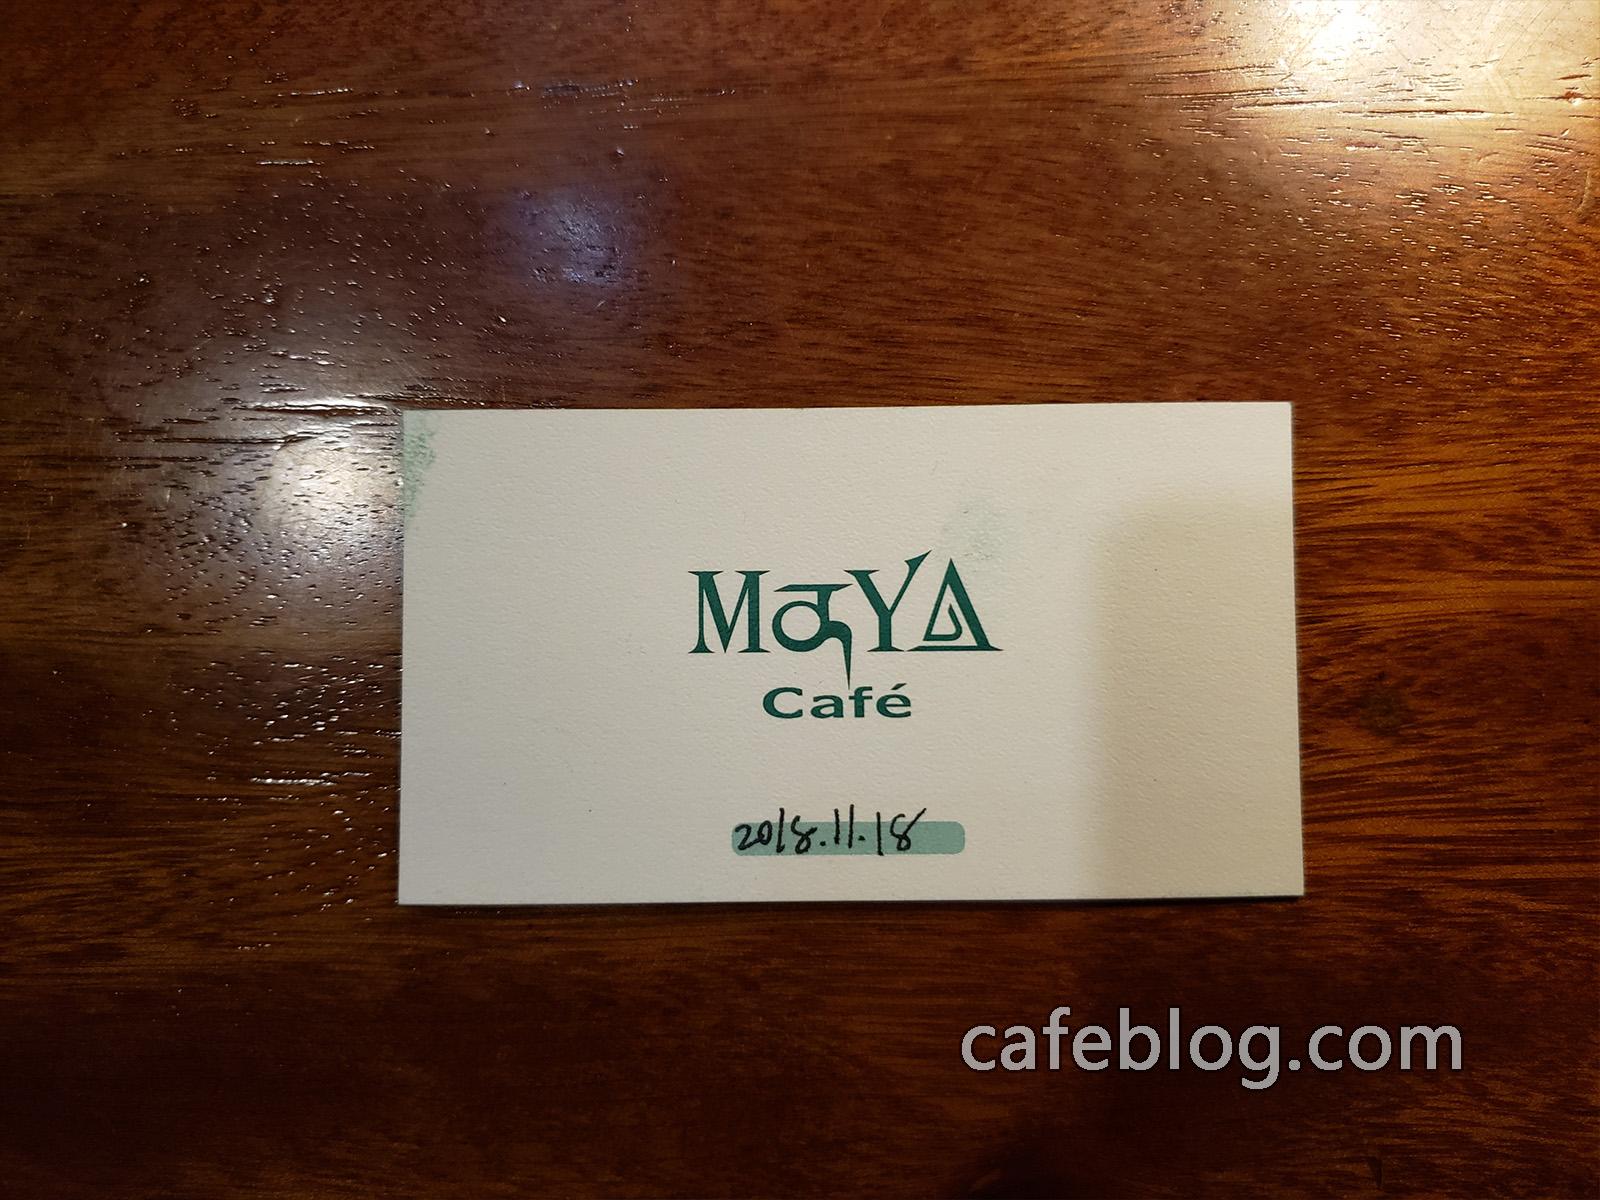 玛雅咖啡馆 Maya Cafe 2018年11月18日的名片